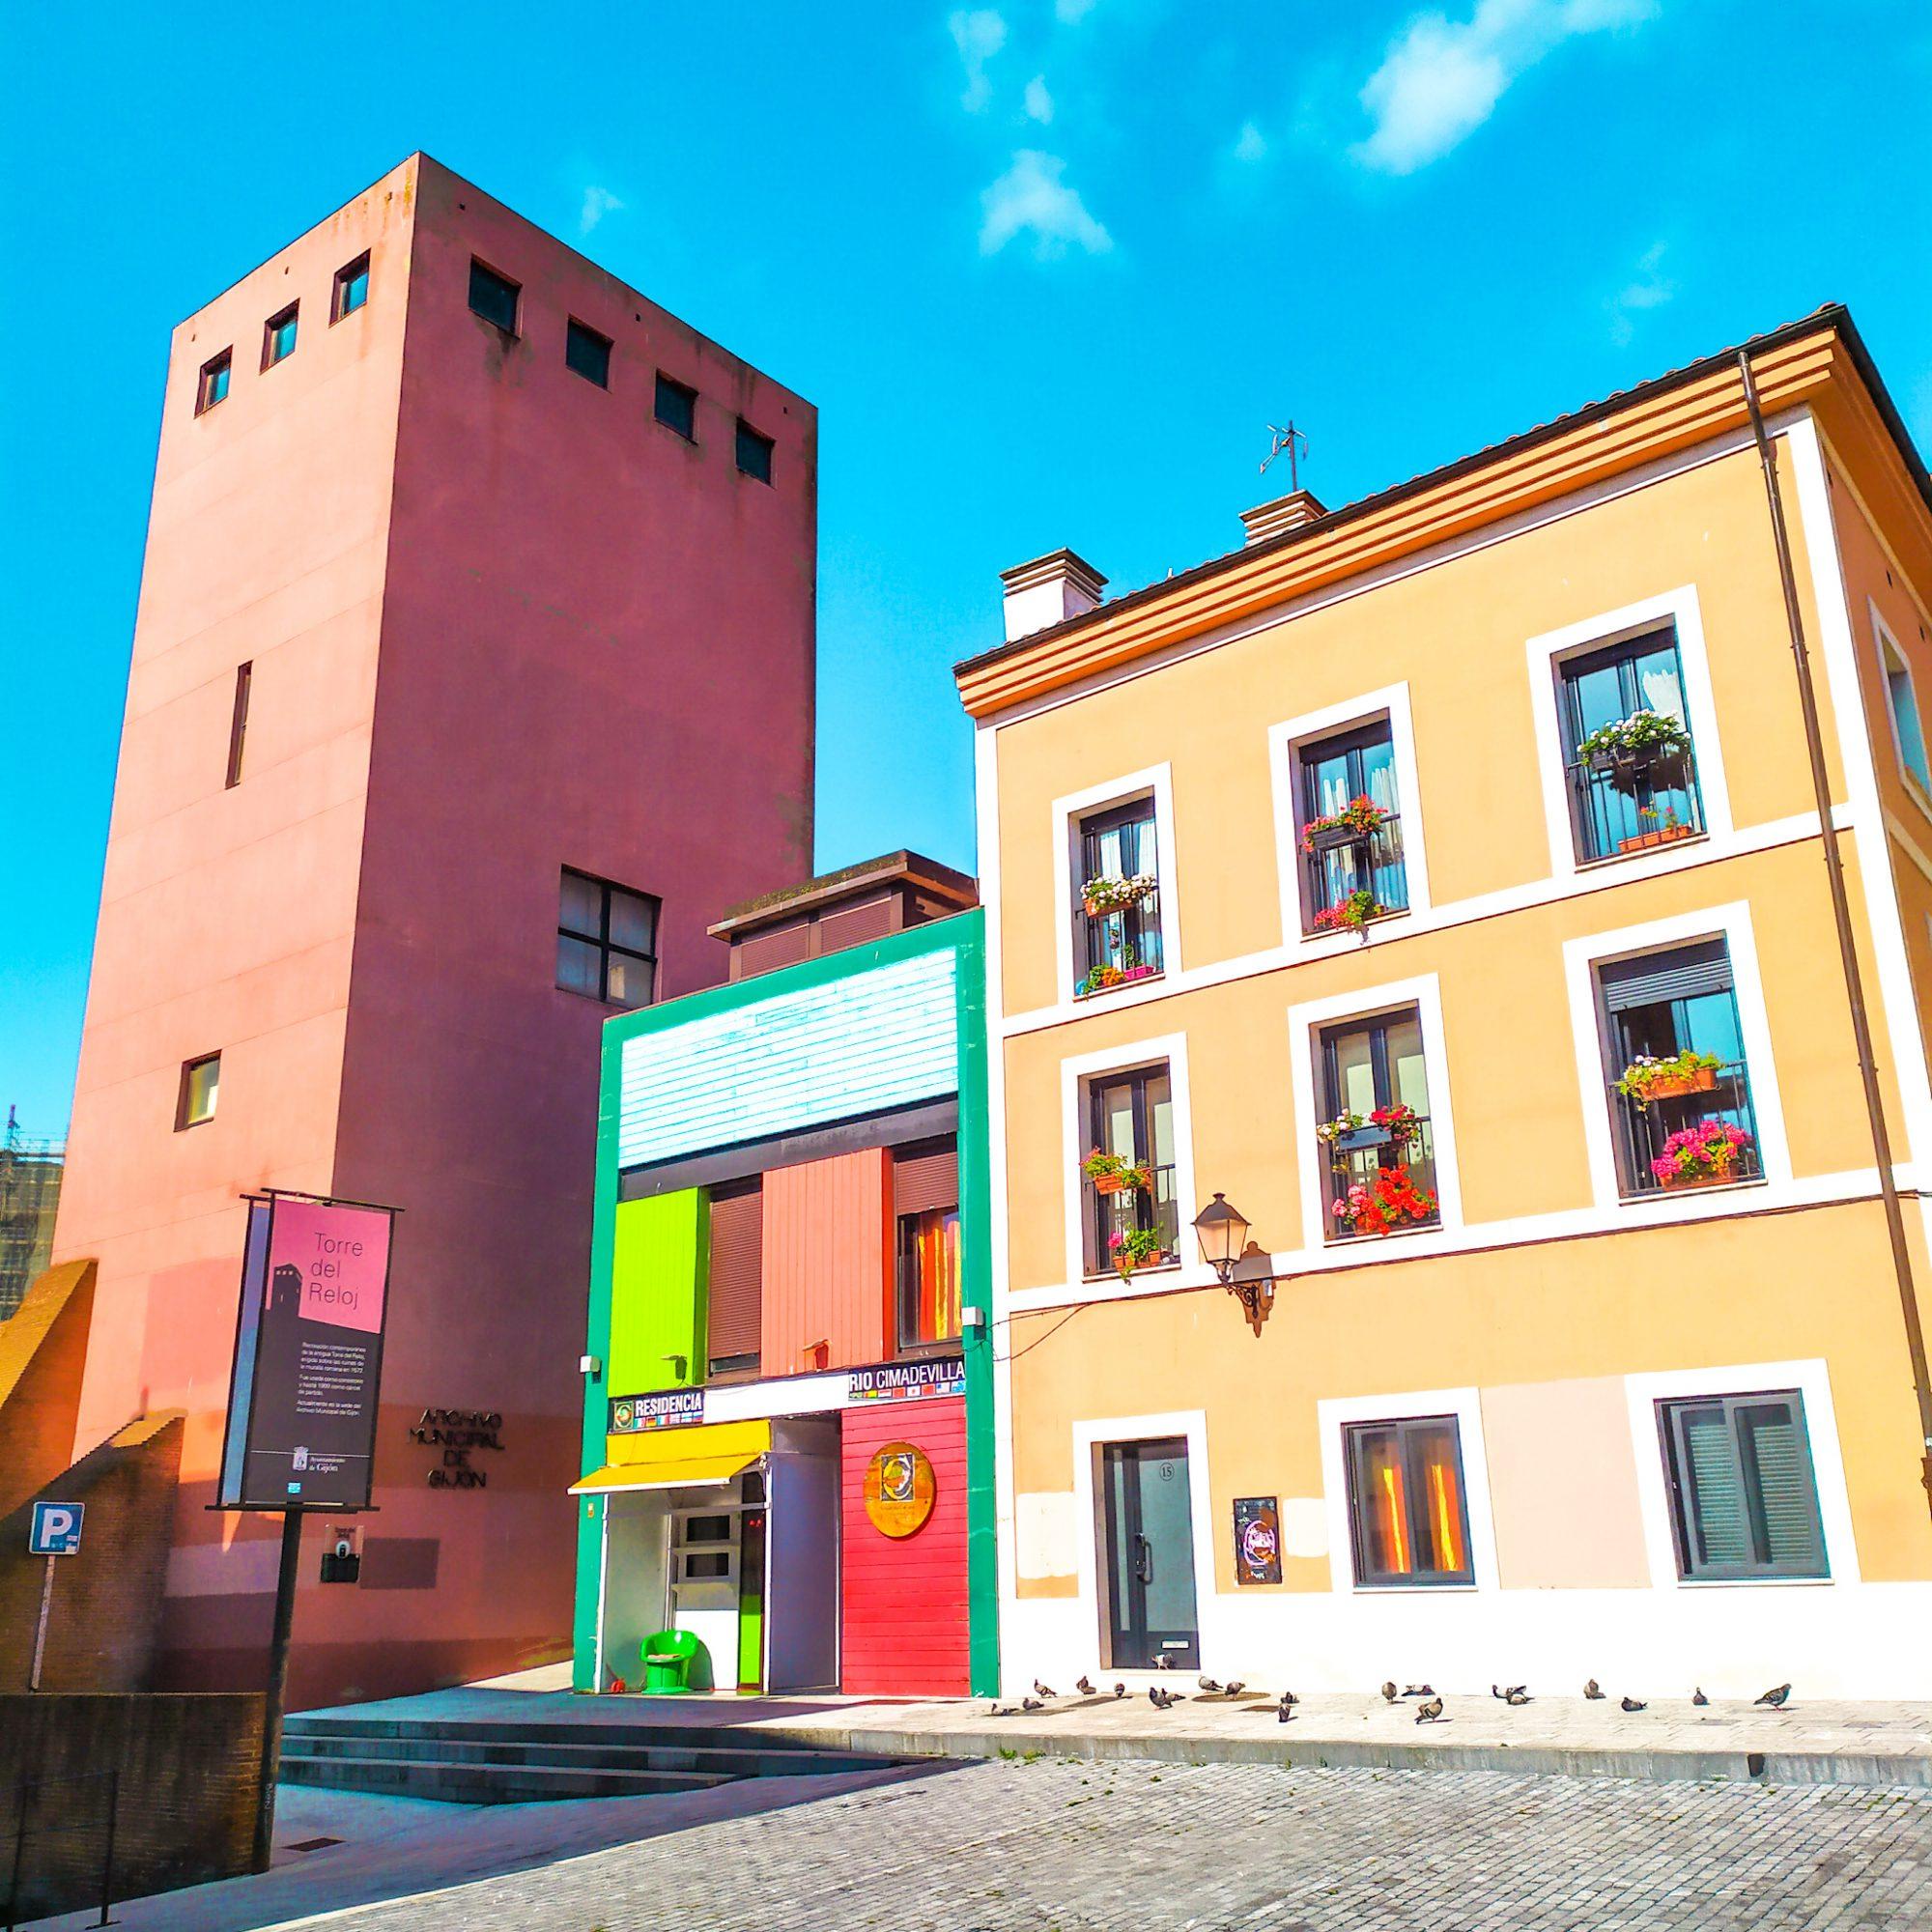 Qué ver en el barrio de Cimadevilla de Gijón: la torre del reloj